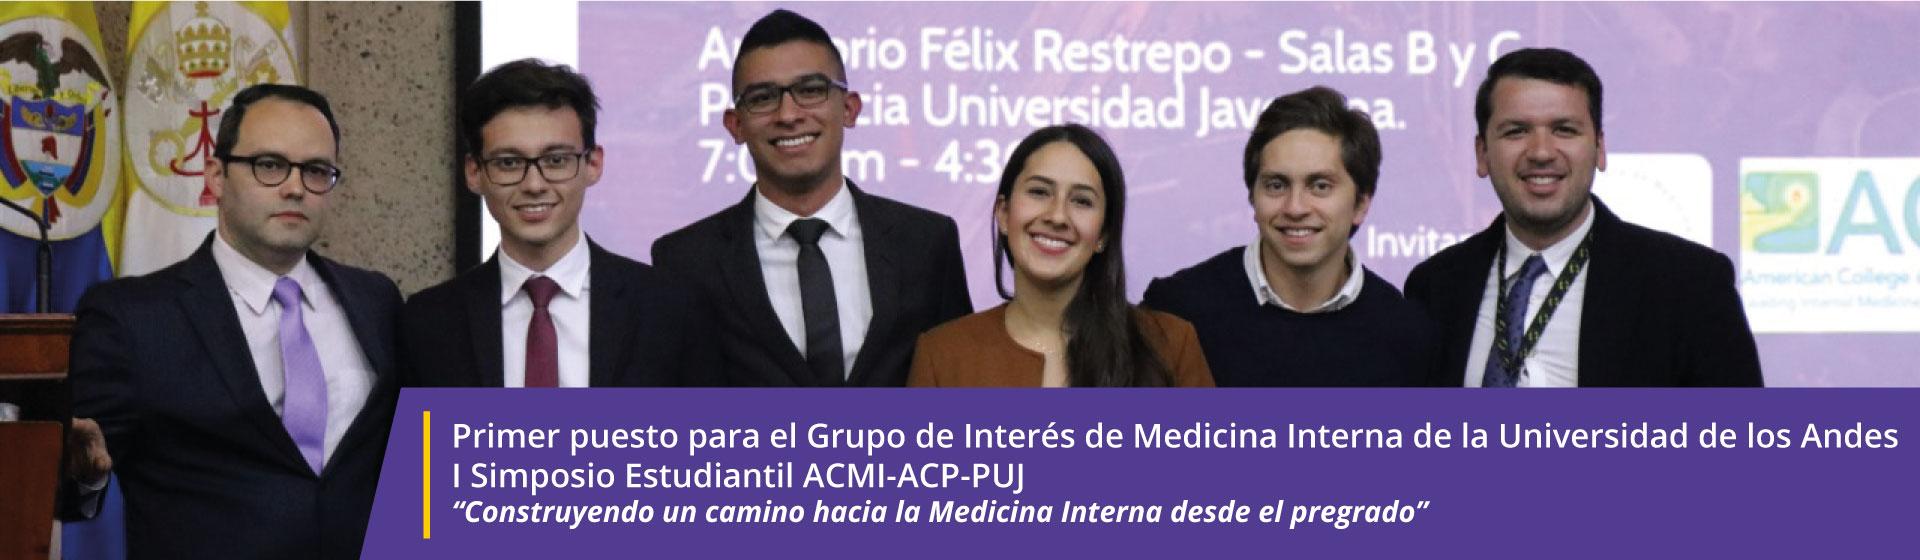 Primer puesto para El Grupo de Interés de Medicina Interna de la Universidad de los Andes